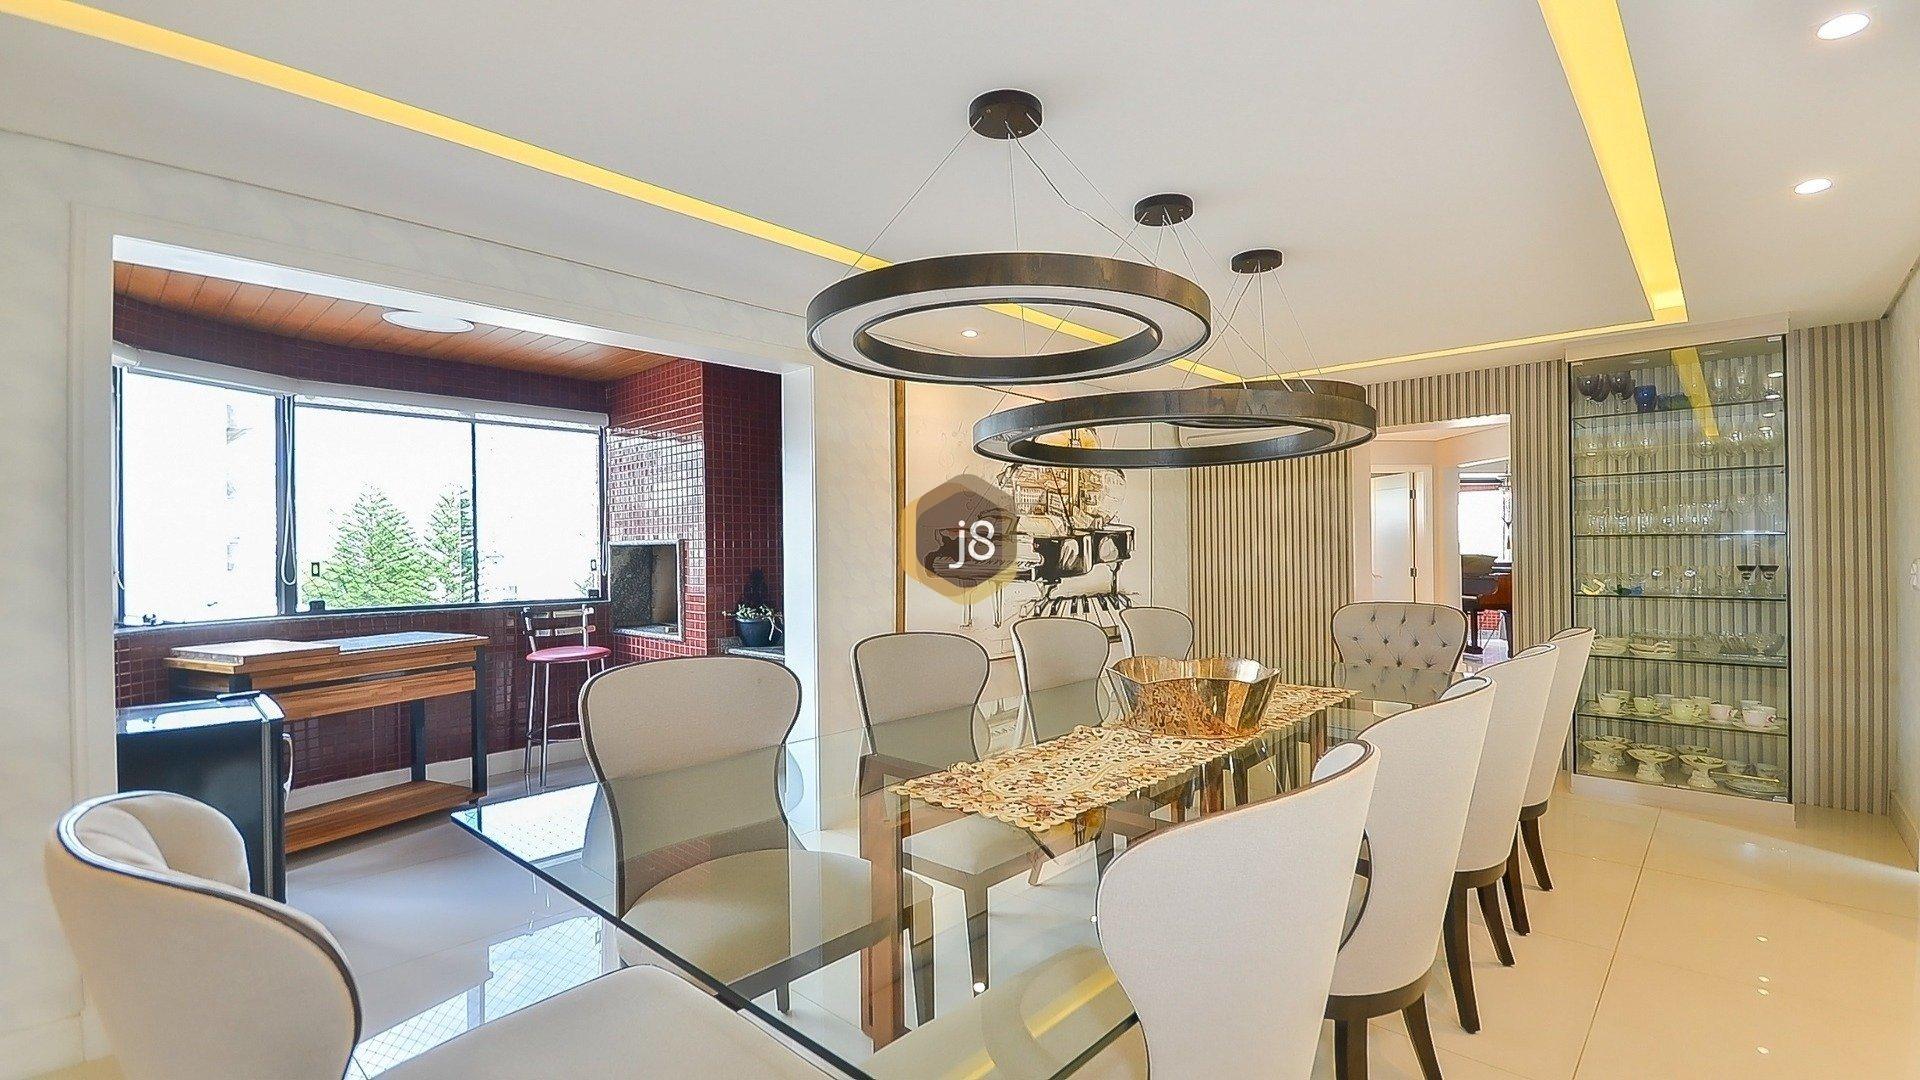 Foto de destaque Apartamento no batel com 3 suítes e 3 vagas